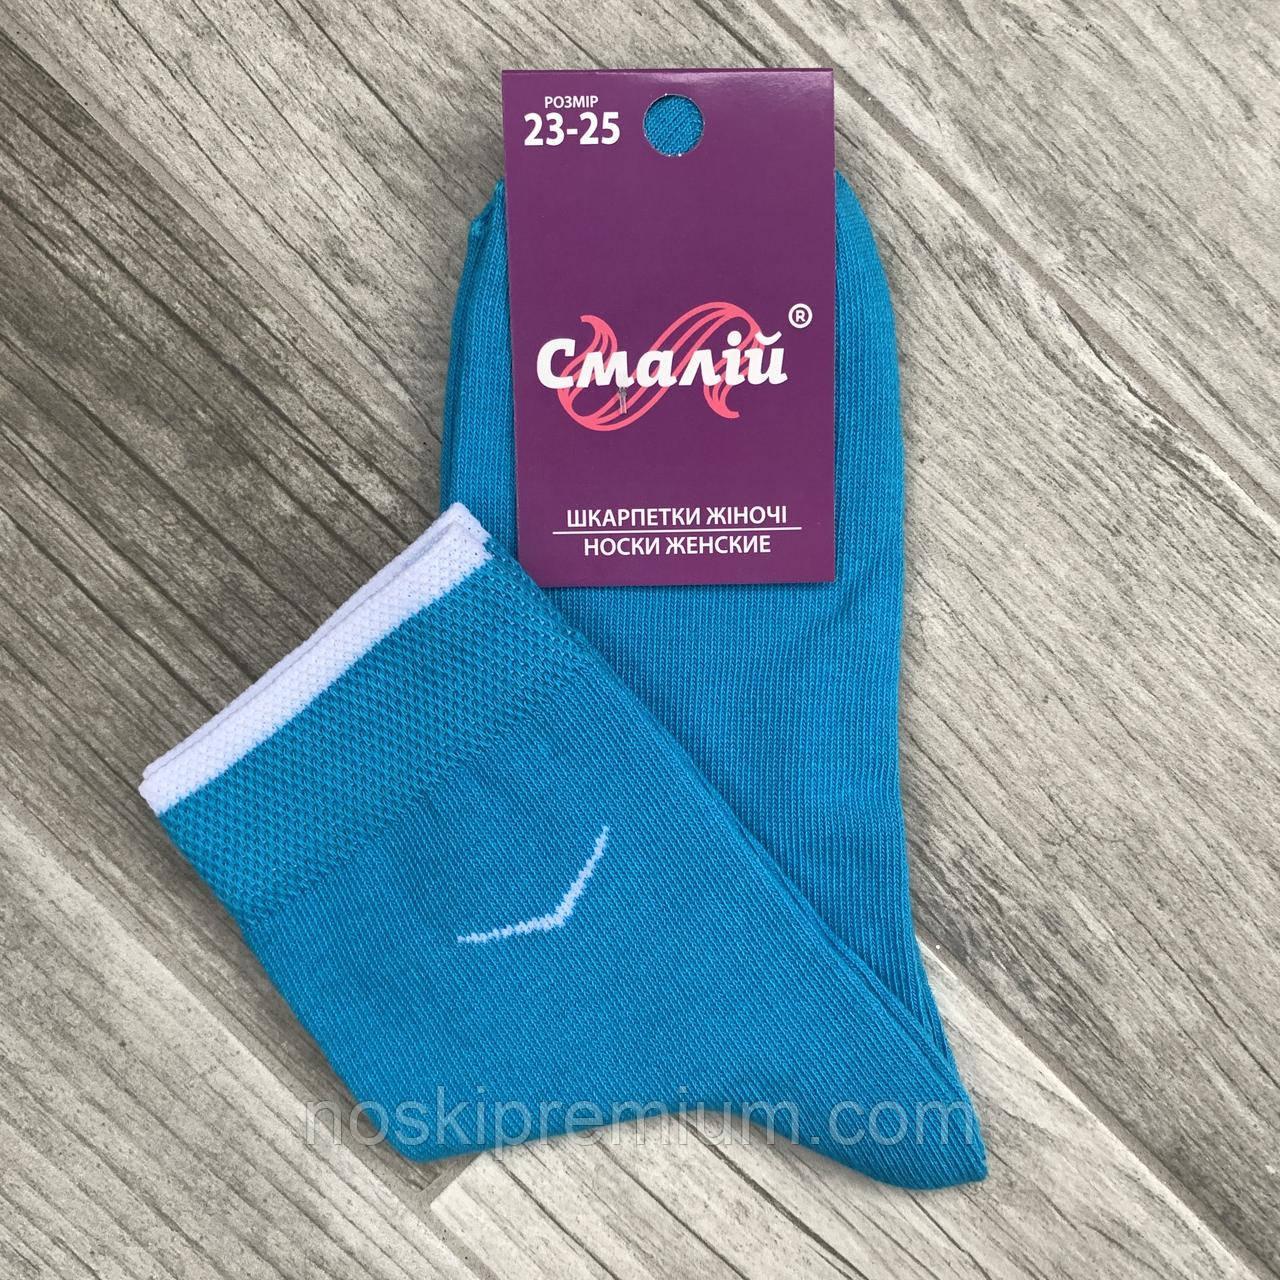 Носки женские демисезонные х/б Смалий, 11В4-309Д, 23-25 размер, ярко-голубые, 40042